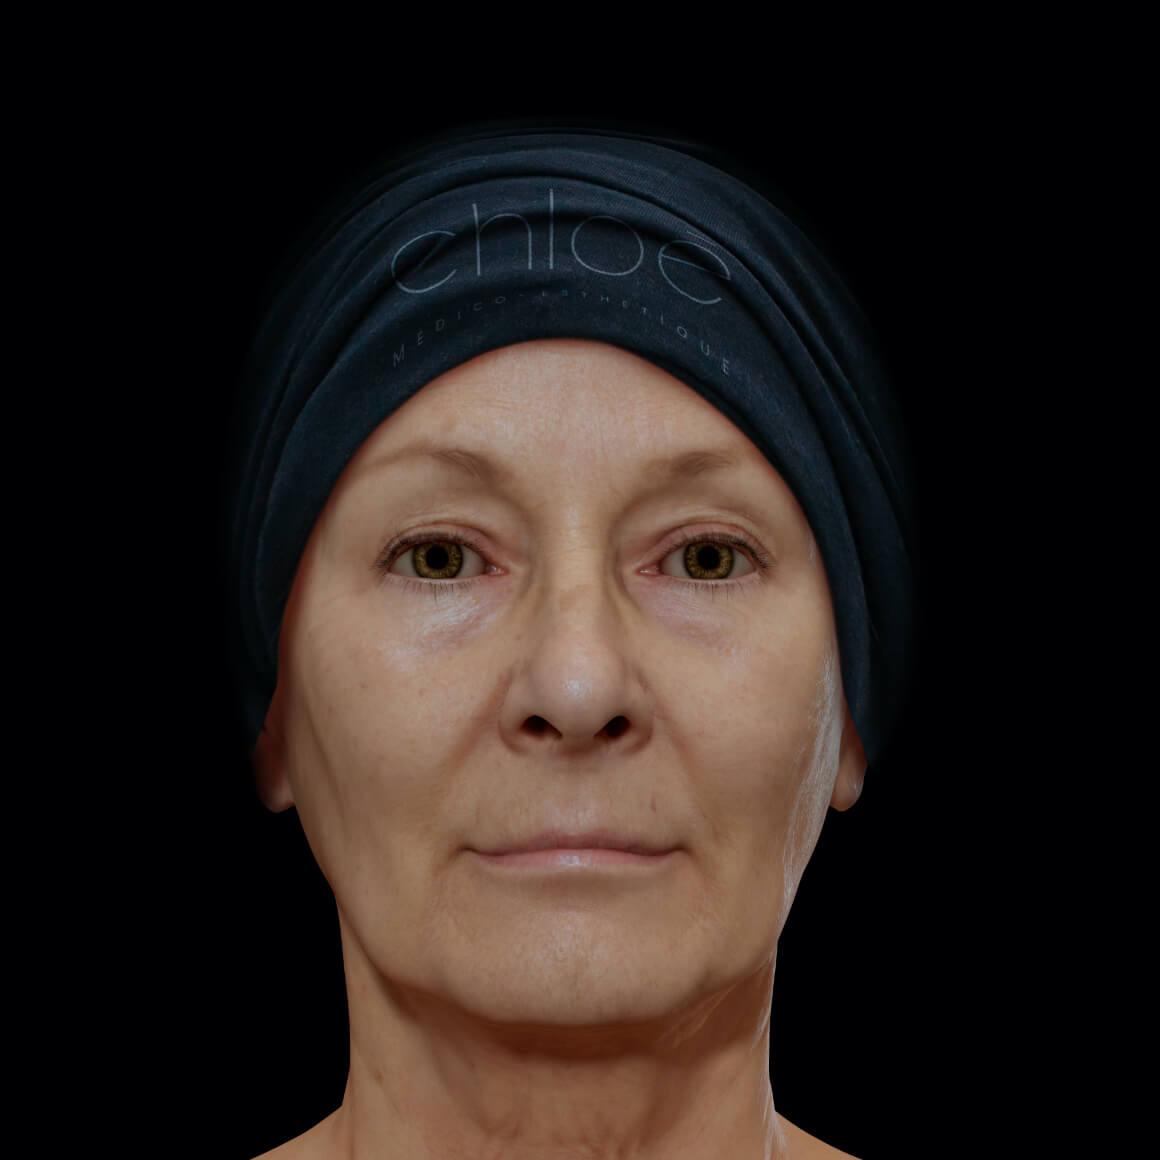 Patiente de la Clinique Chloé positionnée de face après des traitements au laser fractionné pour le lifting des paupières